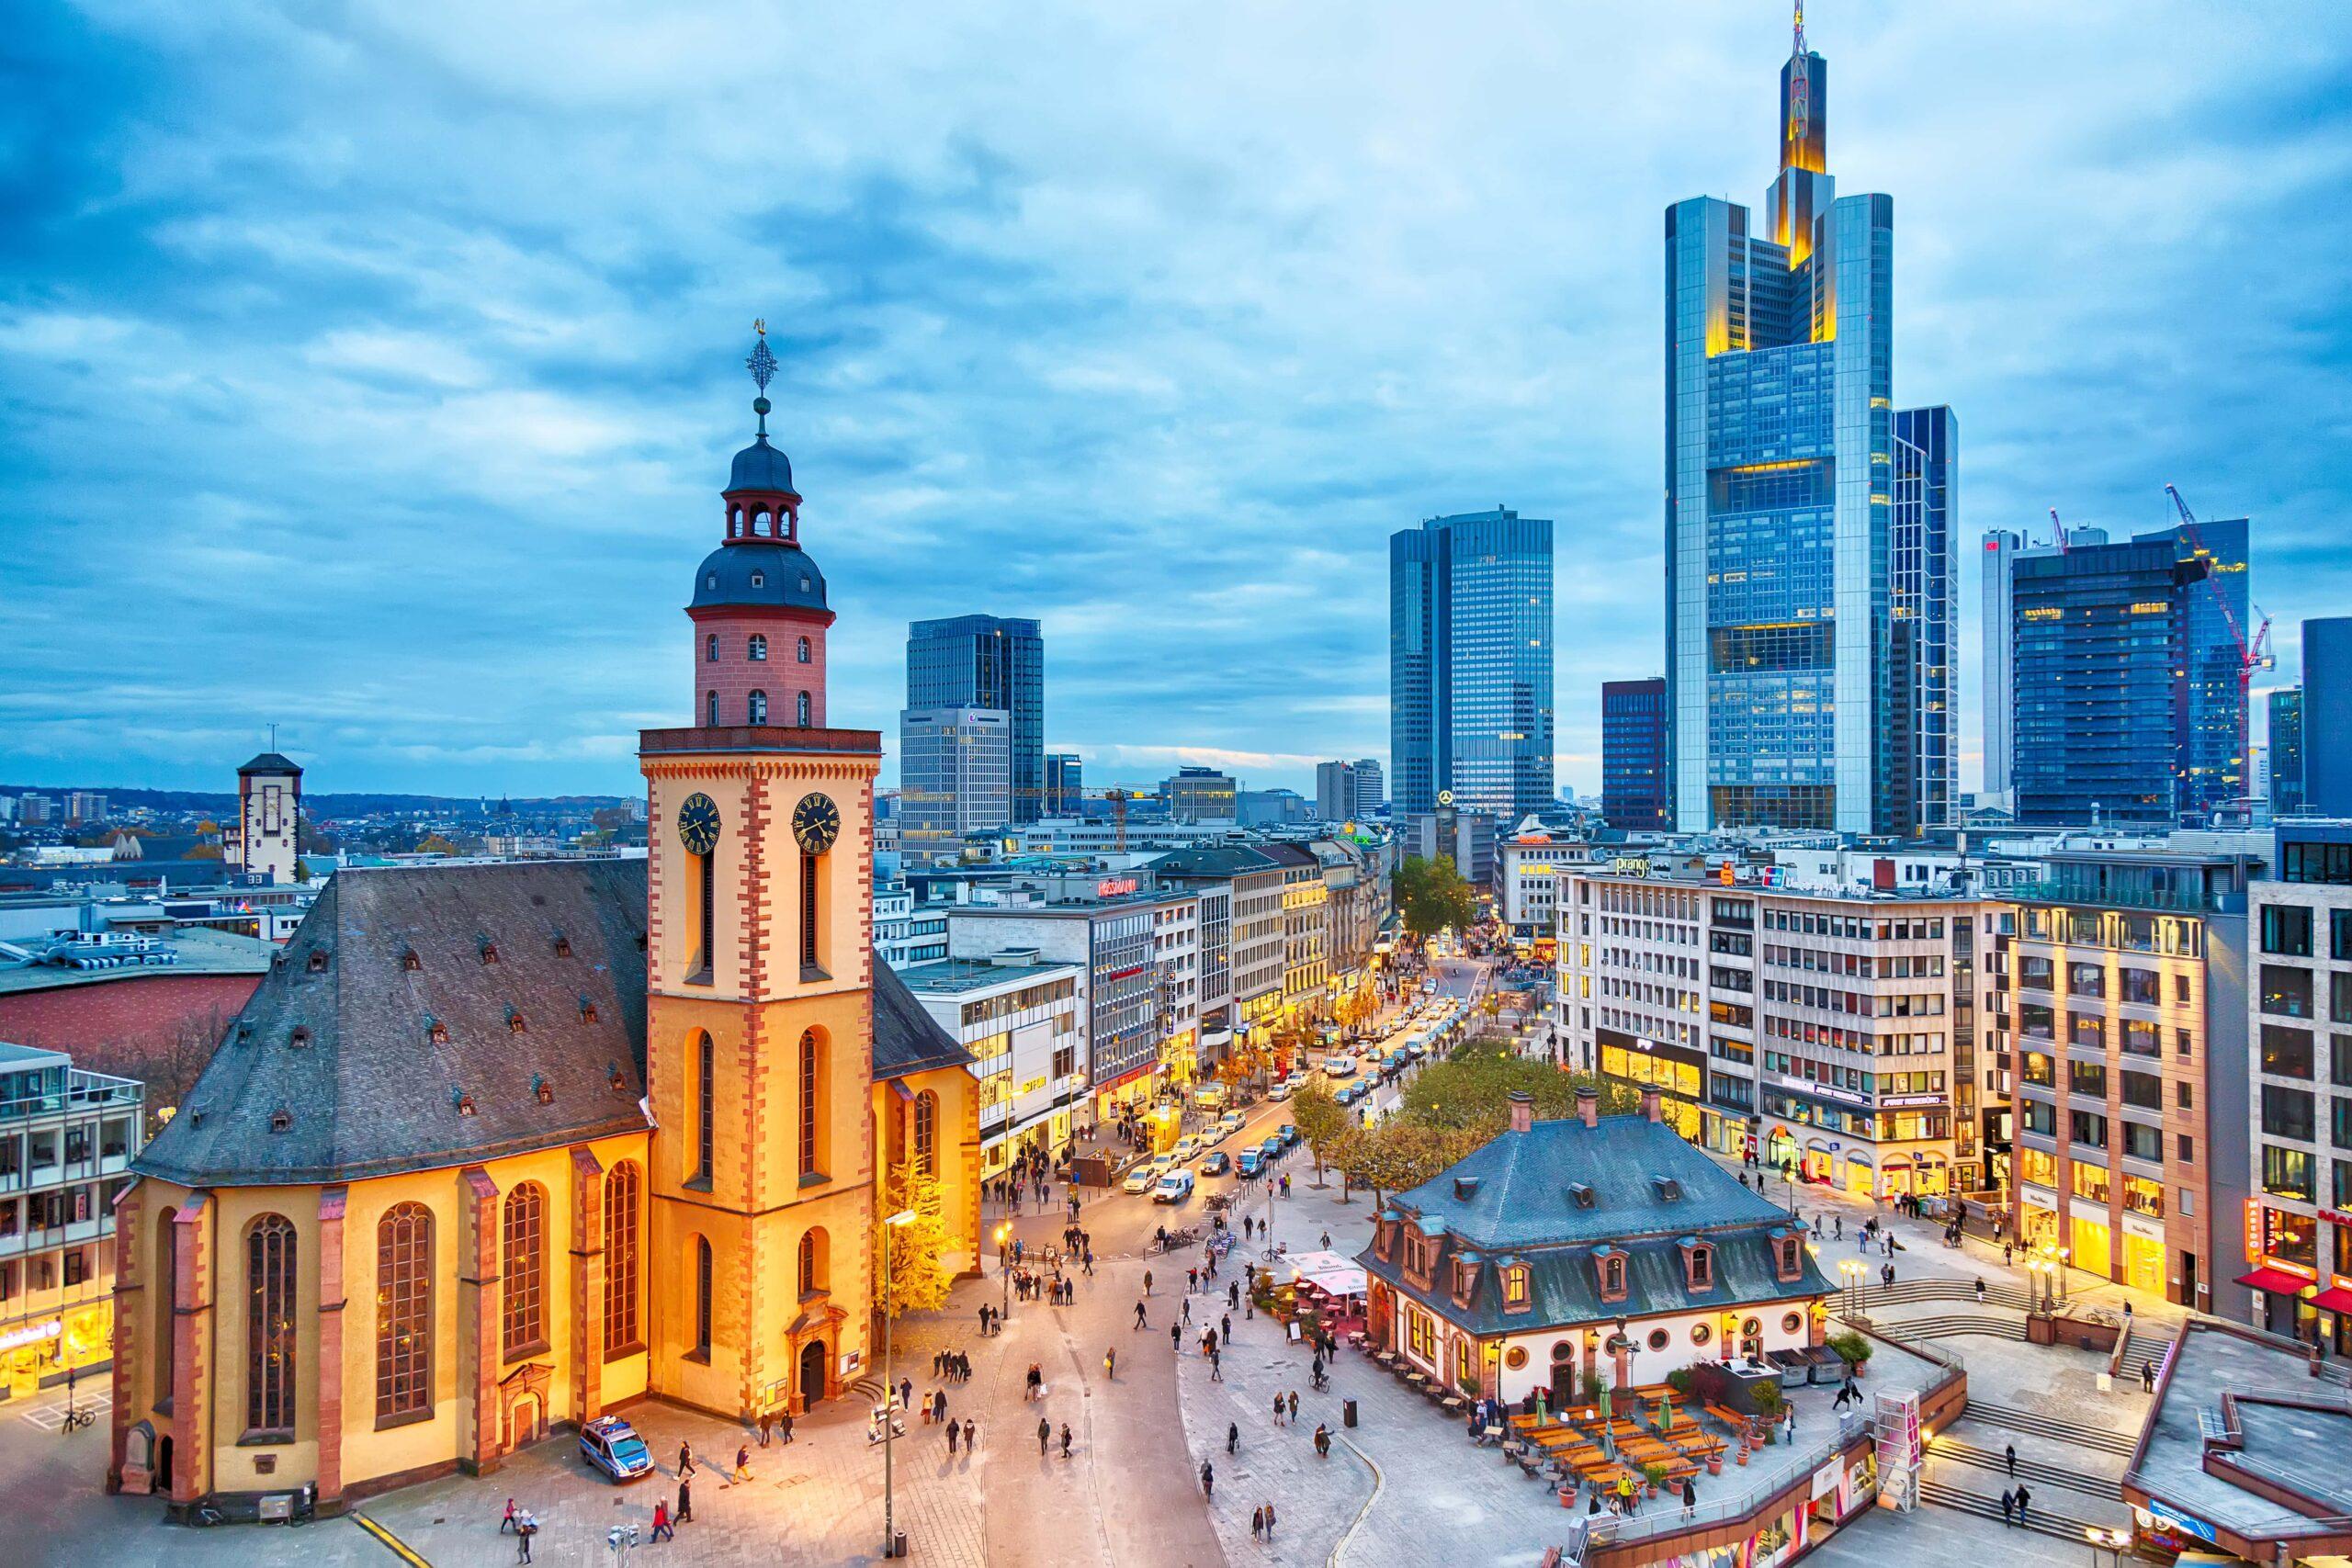 Поступление в  Covid-19 в Германию. Как поступить в университет Германии ?